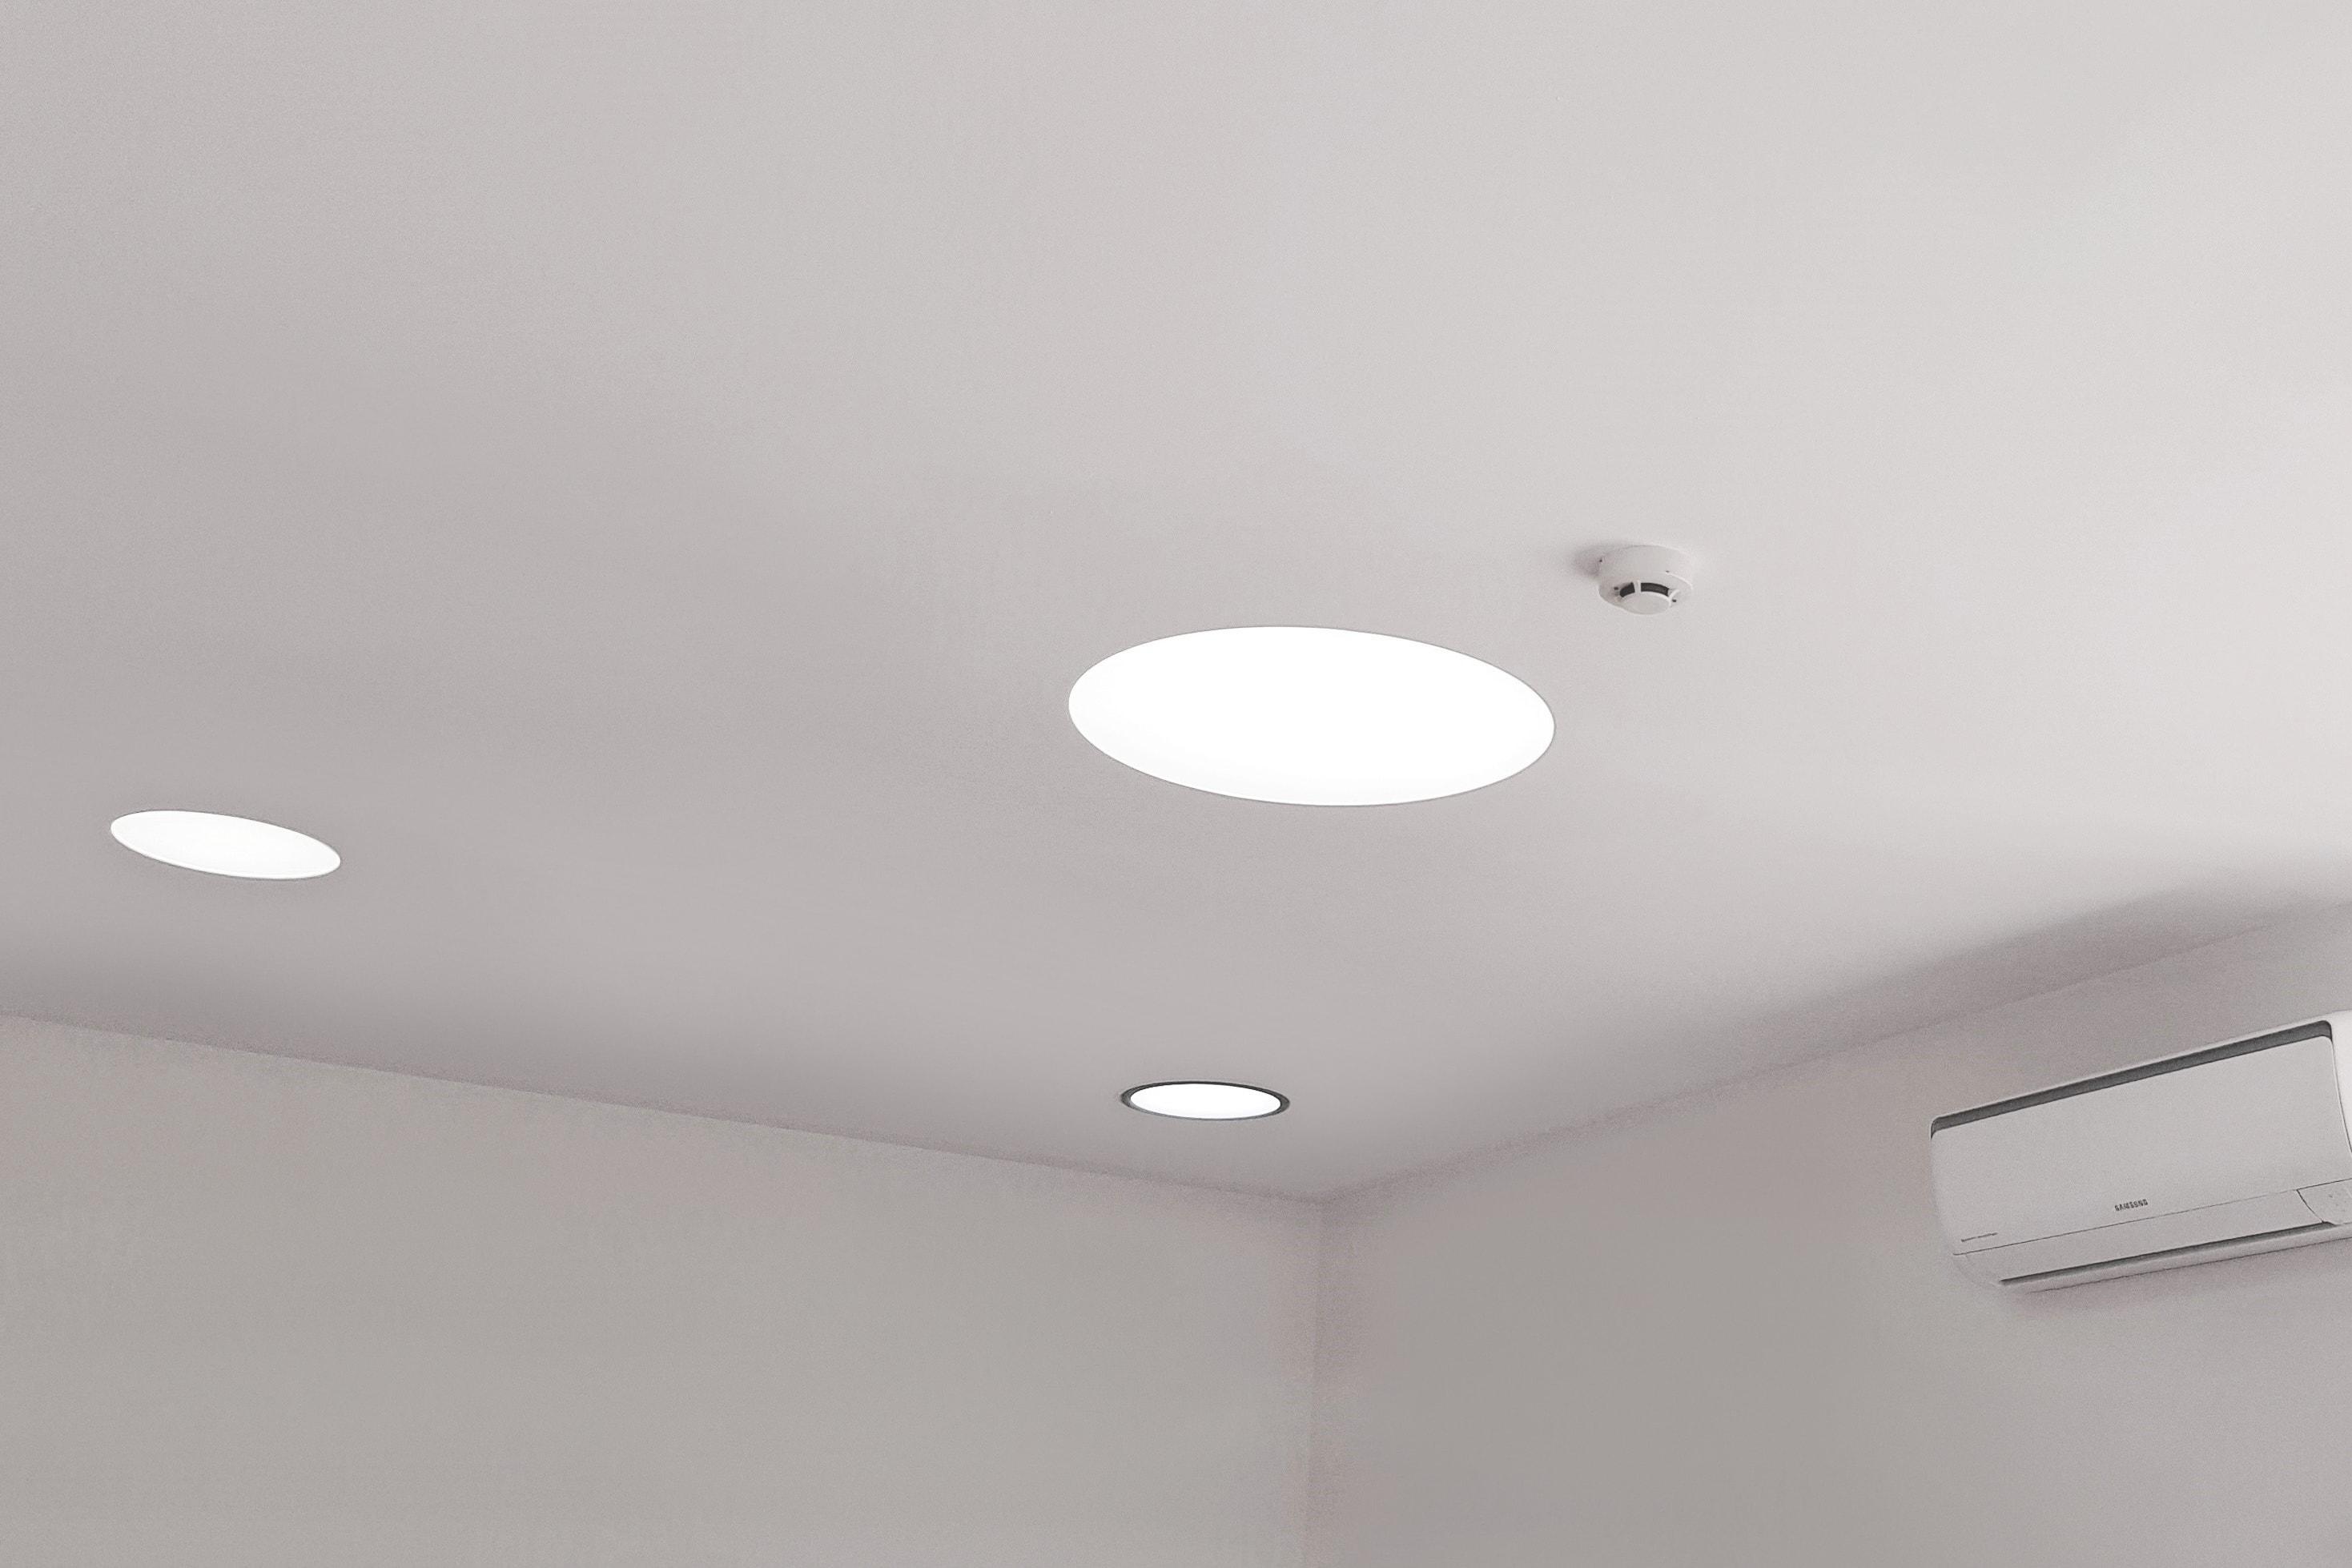 r_205_Bali-C-LED-LT-Kaunas-1808-01r